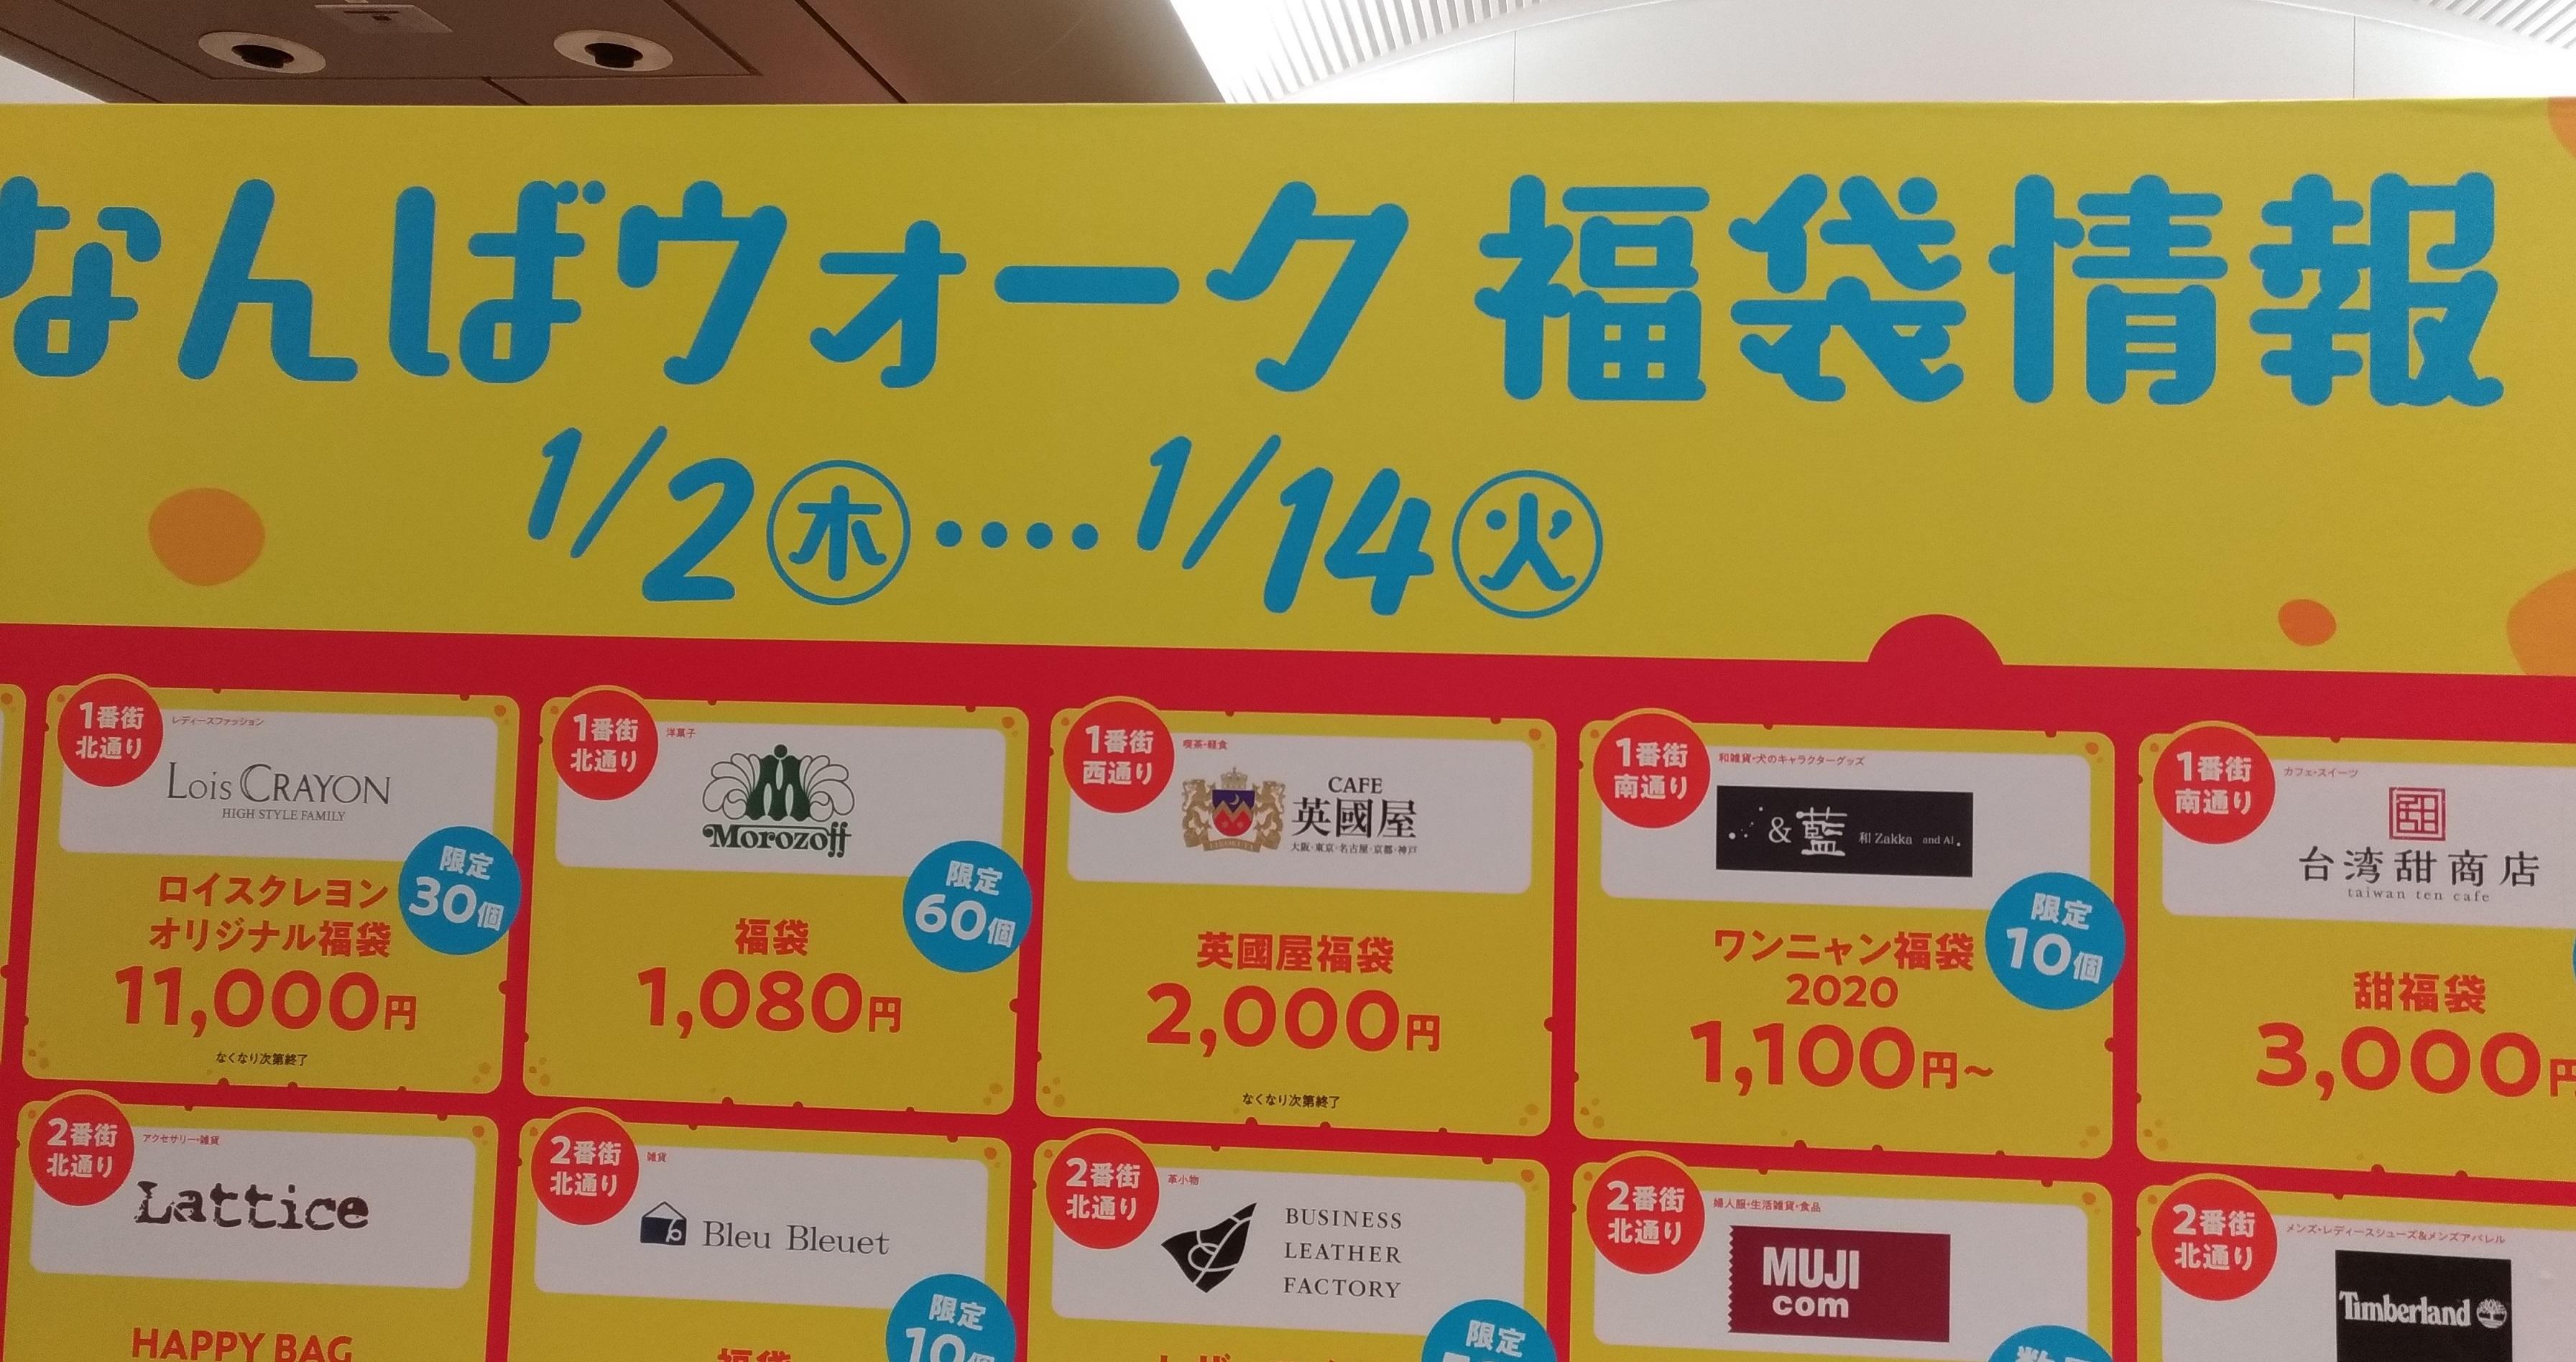 fukubukuro_2020_namba_walk0102.jpg